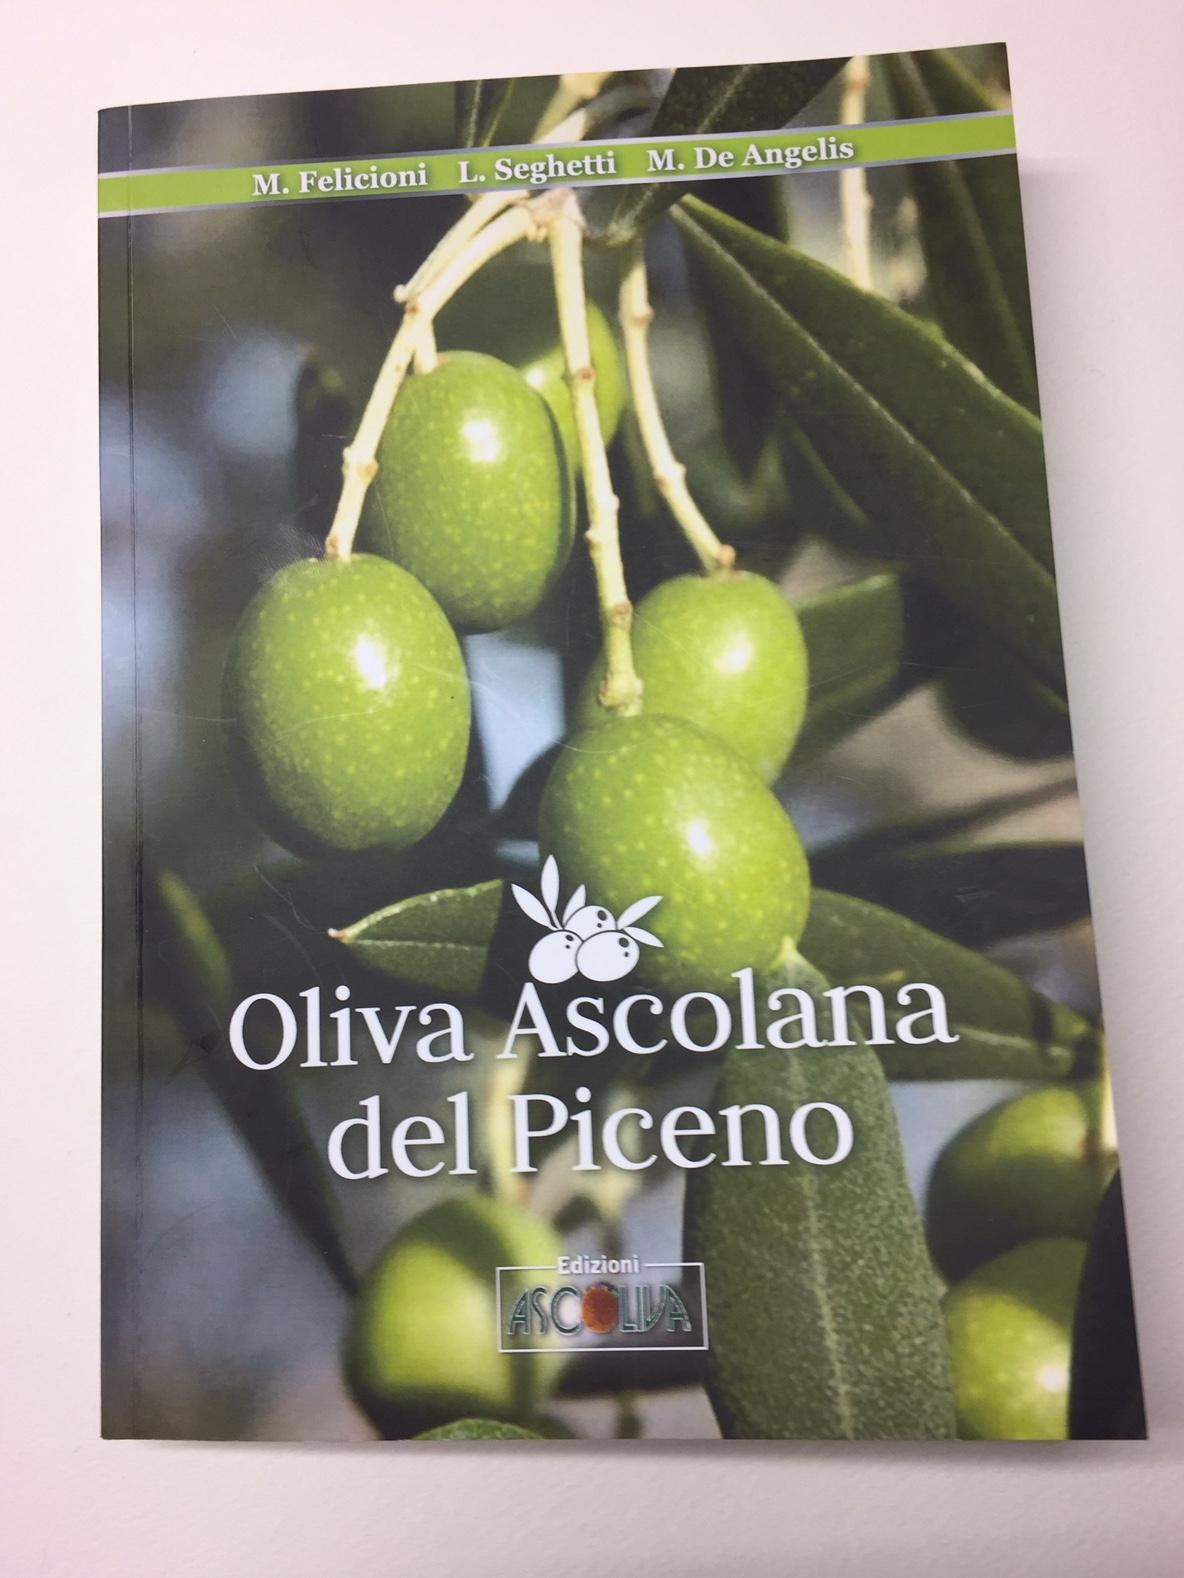 Oliva Ascolana del Piceno